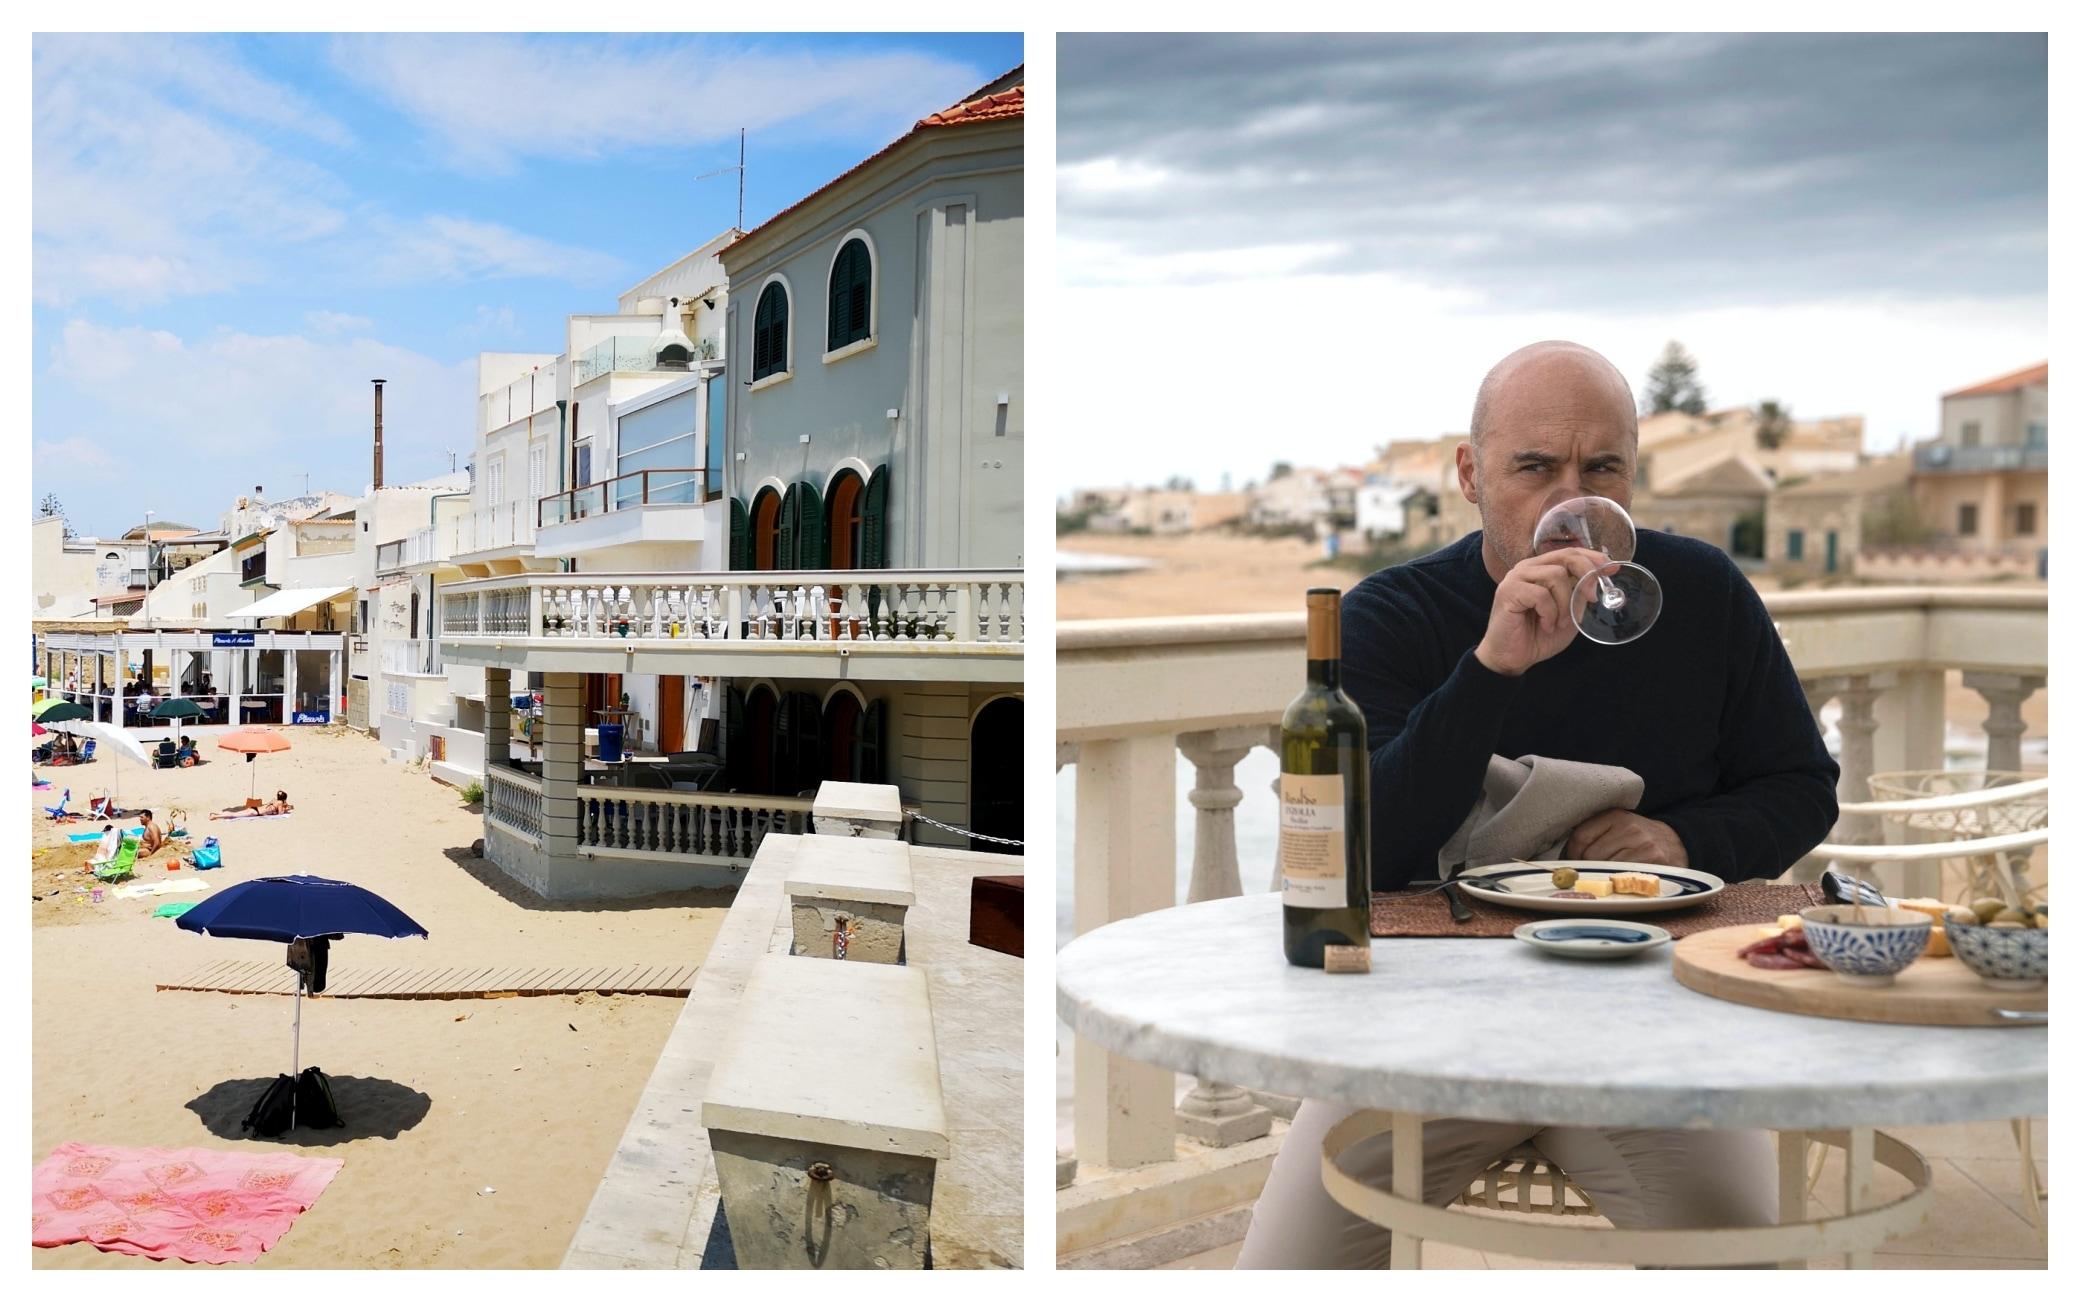 Vacanze in Italia: film e programmi tv da vedere prima di partire